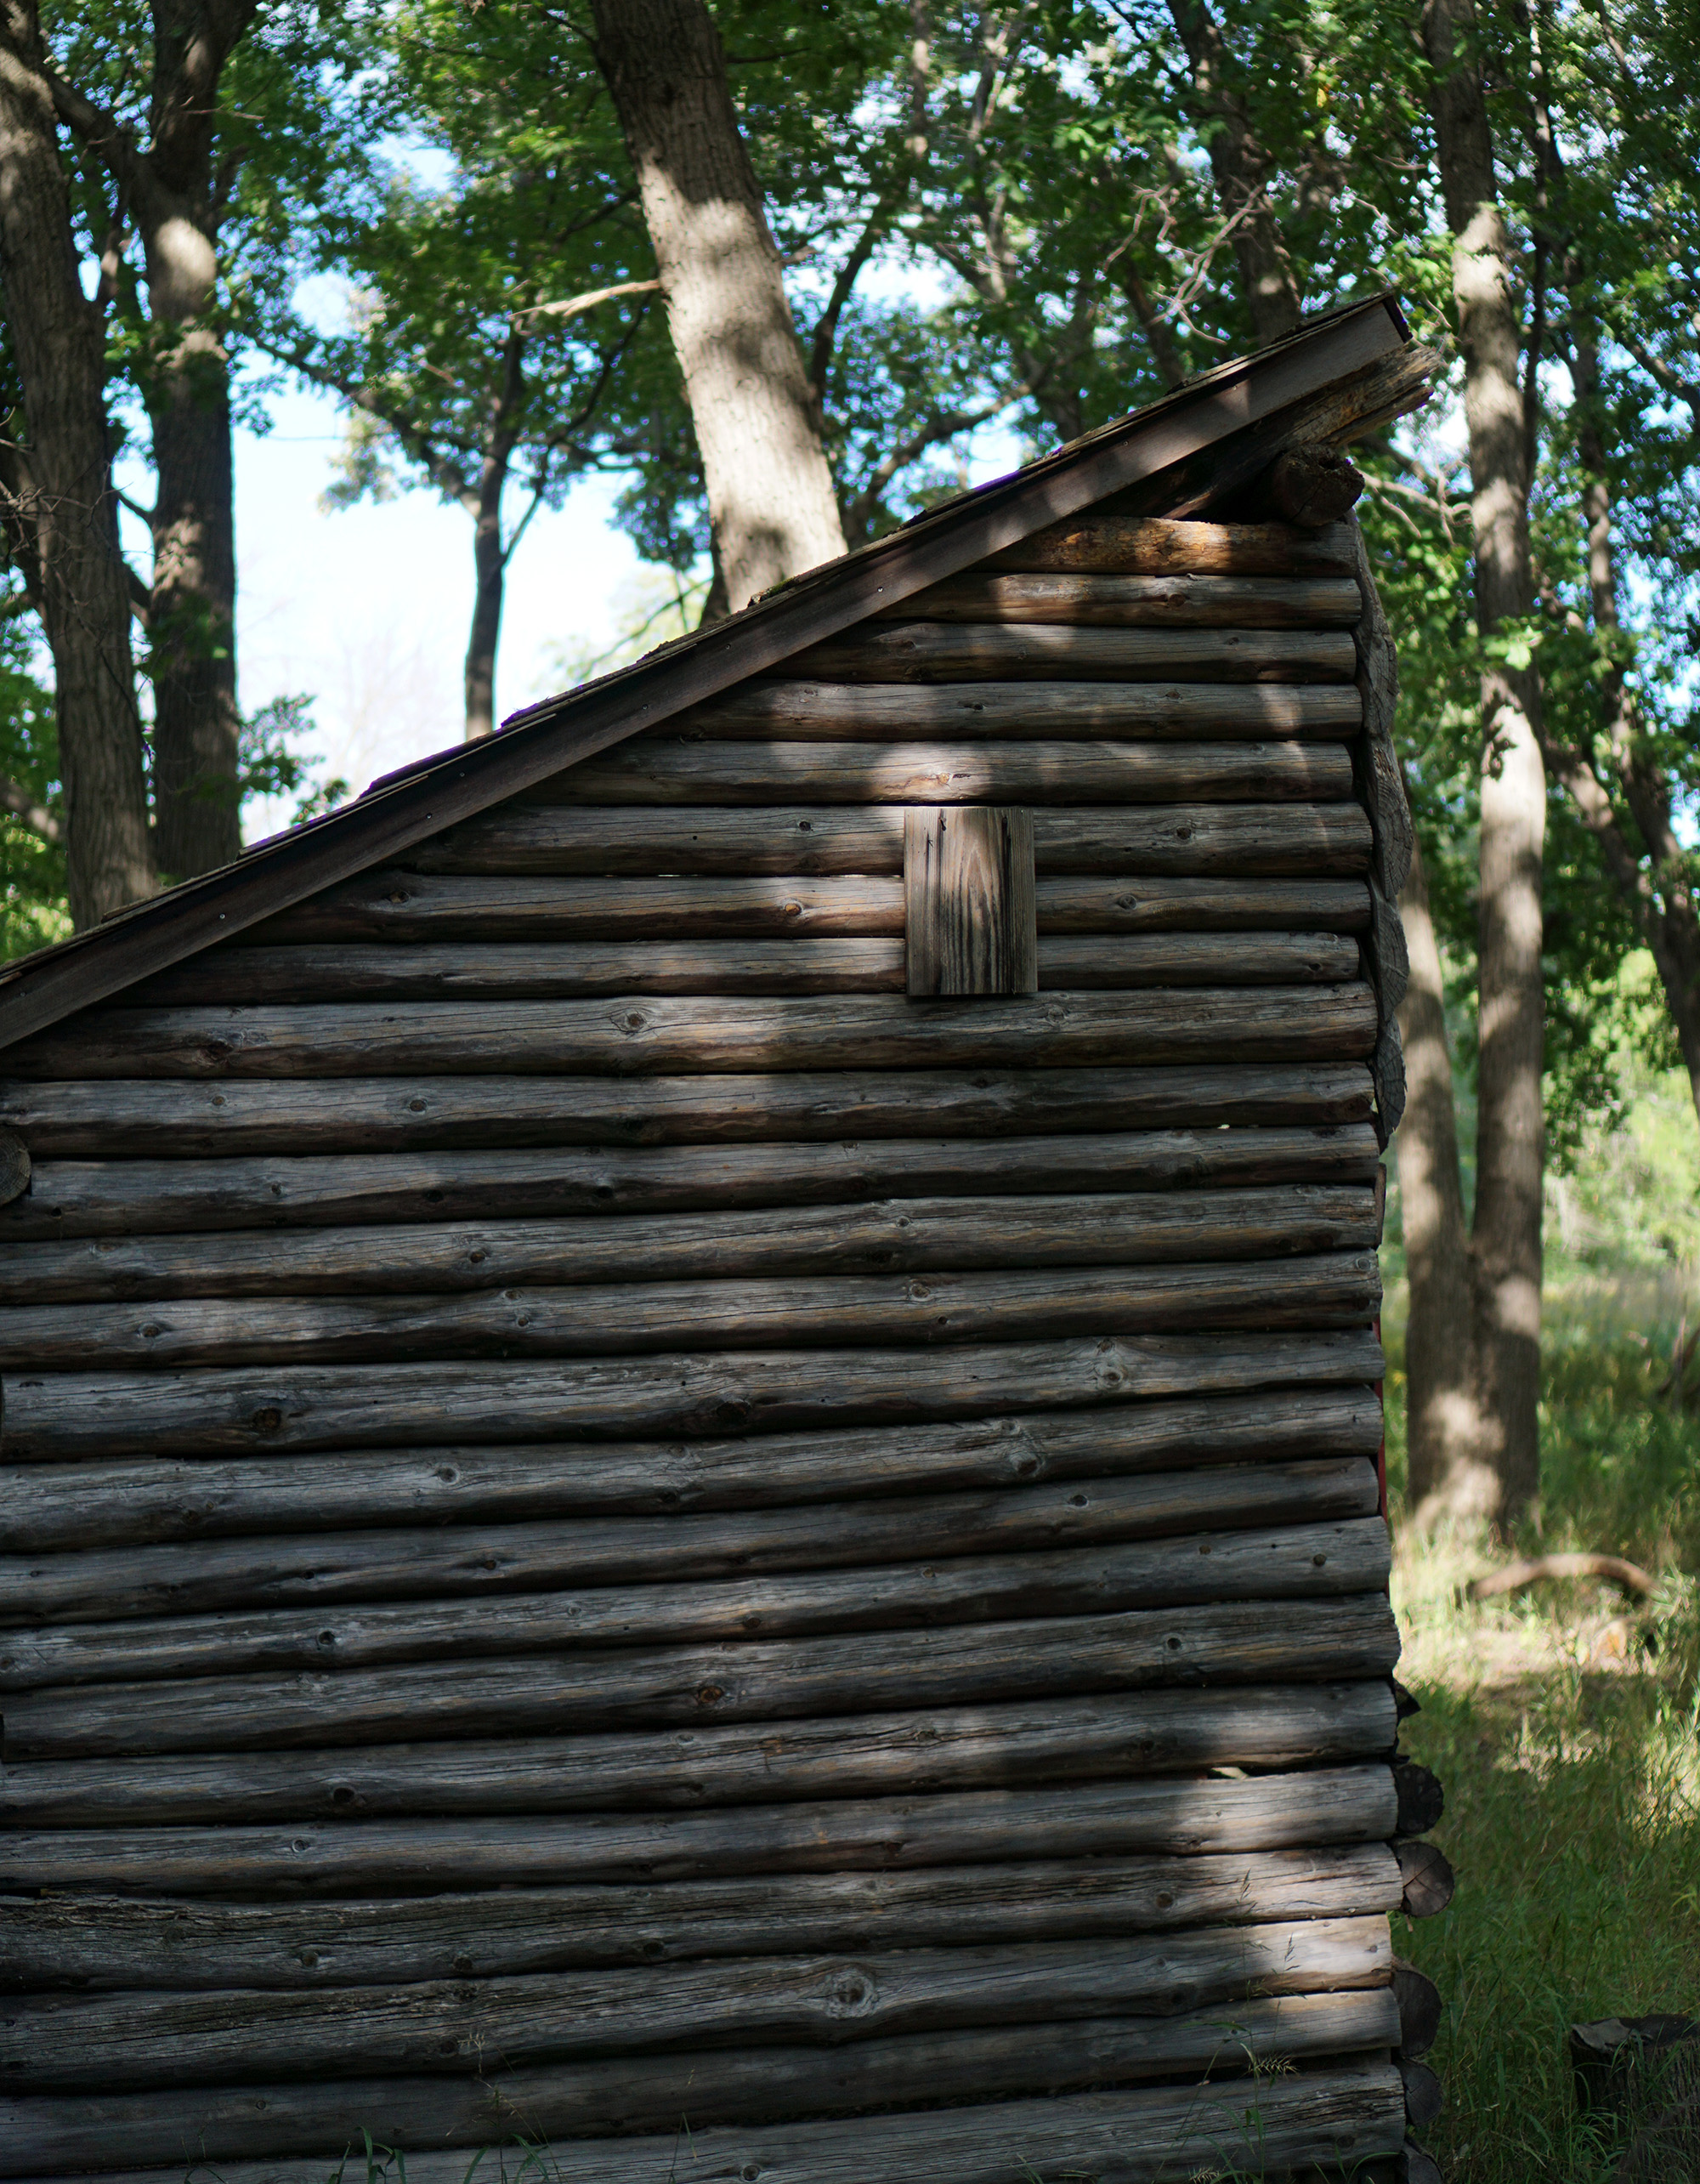 Birding hut, North Park Village Nature Center / Darker than Green